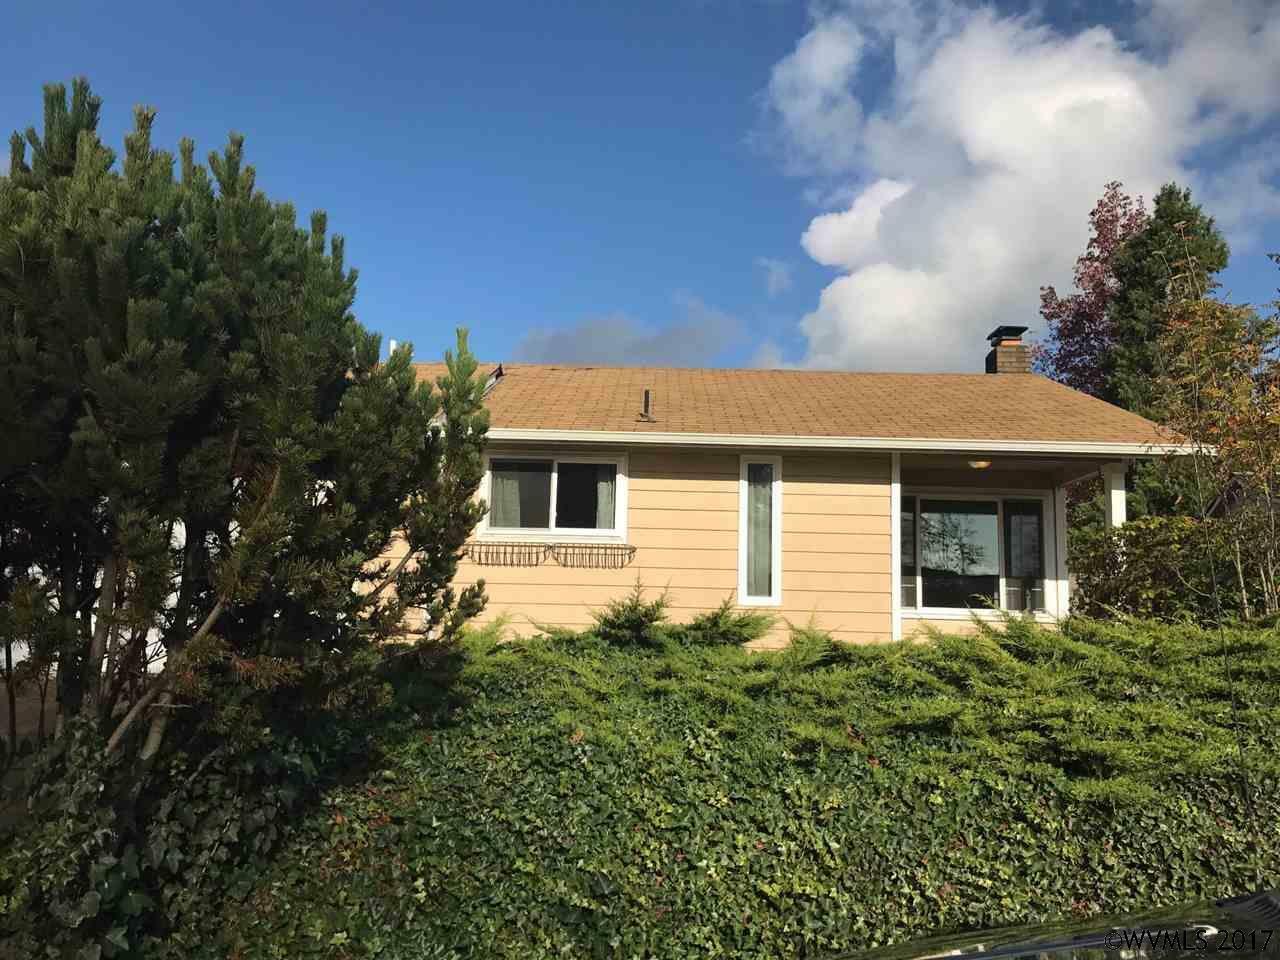 1429 Nw Green Pl, Corvallis, OR - USA (photo 1)